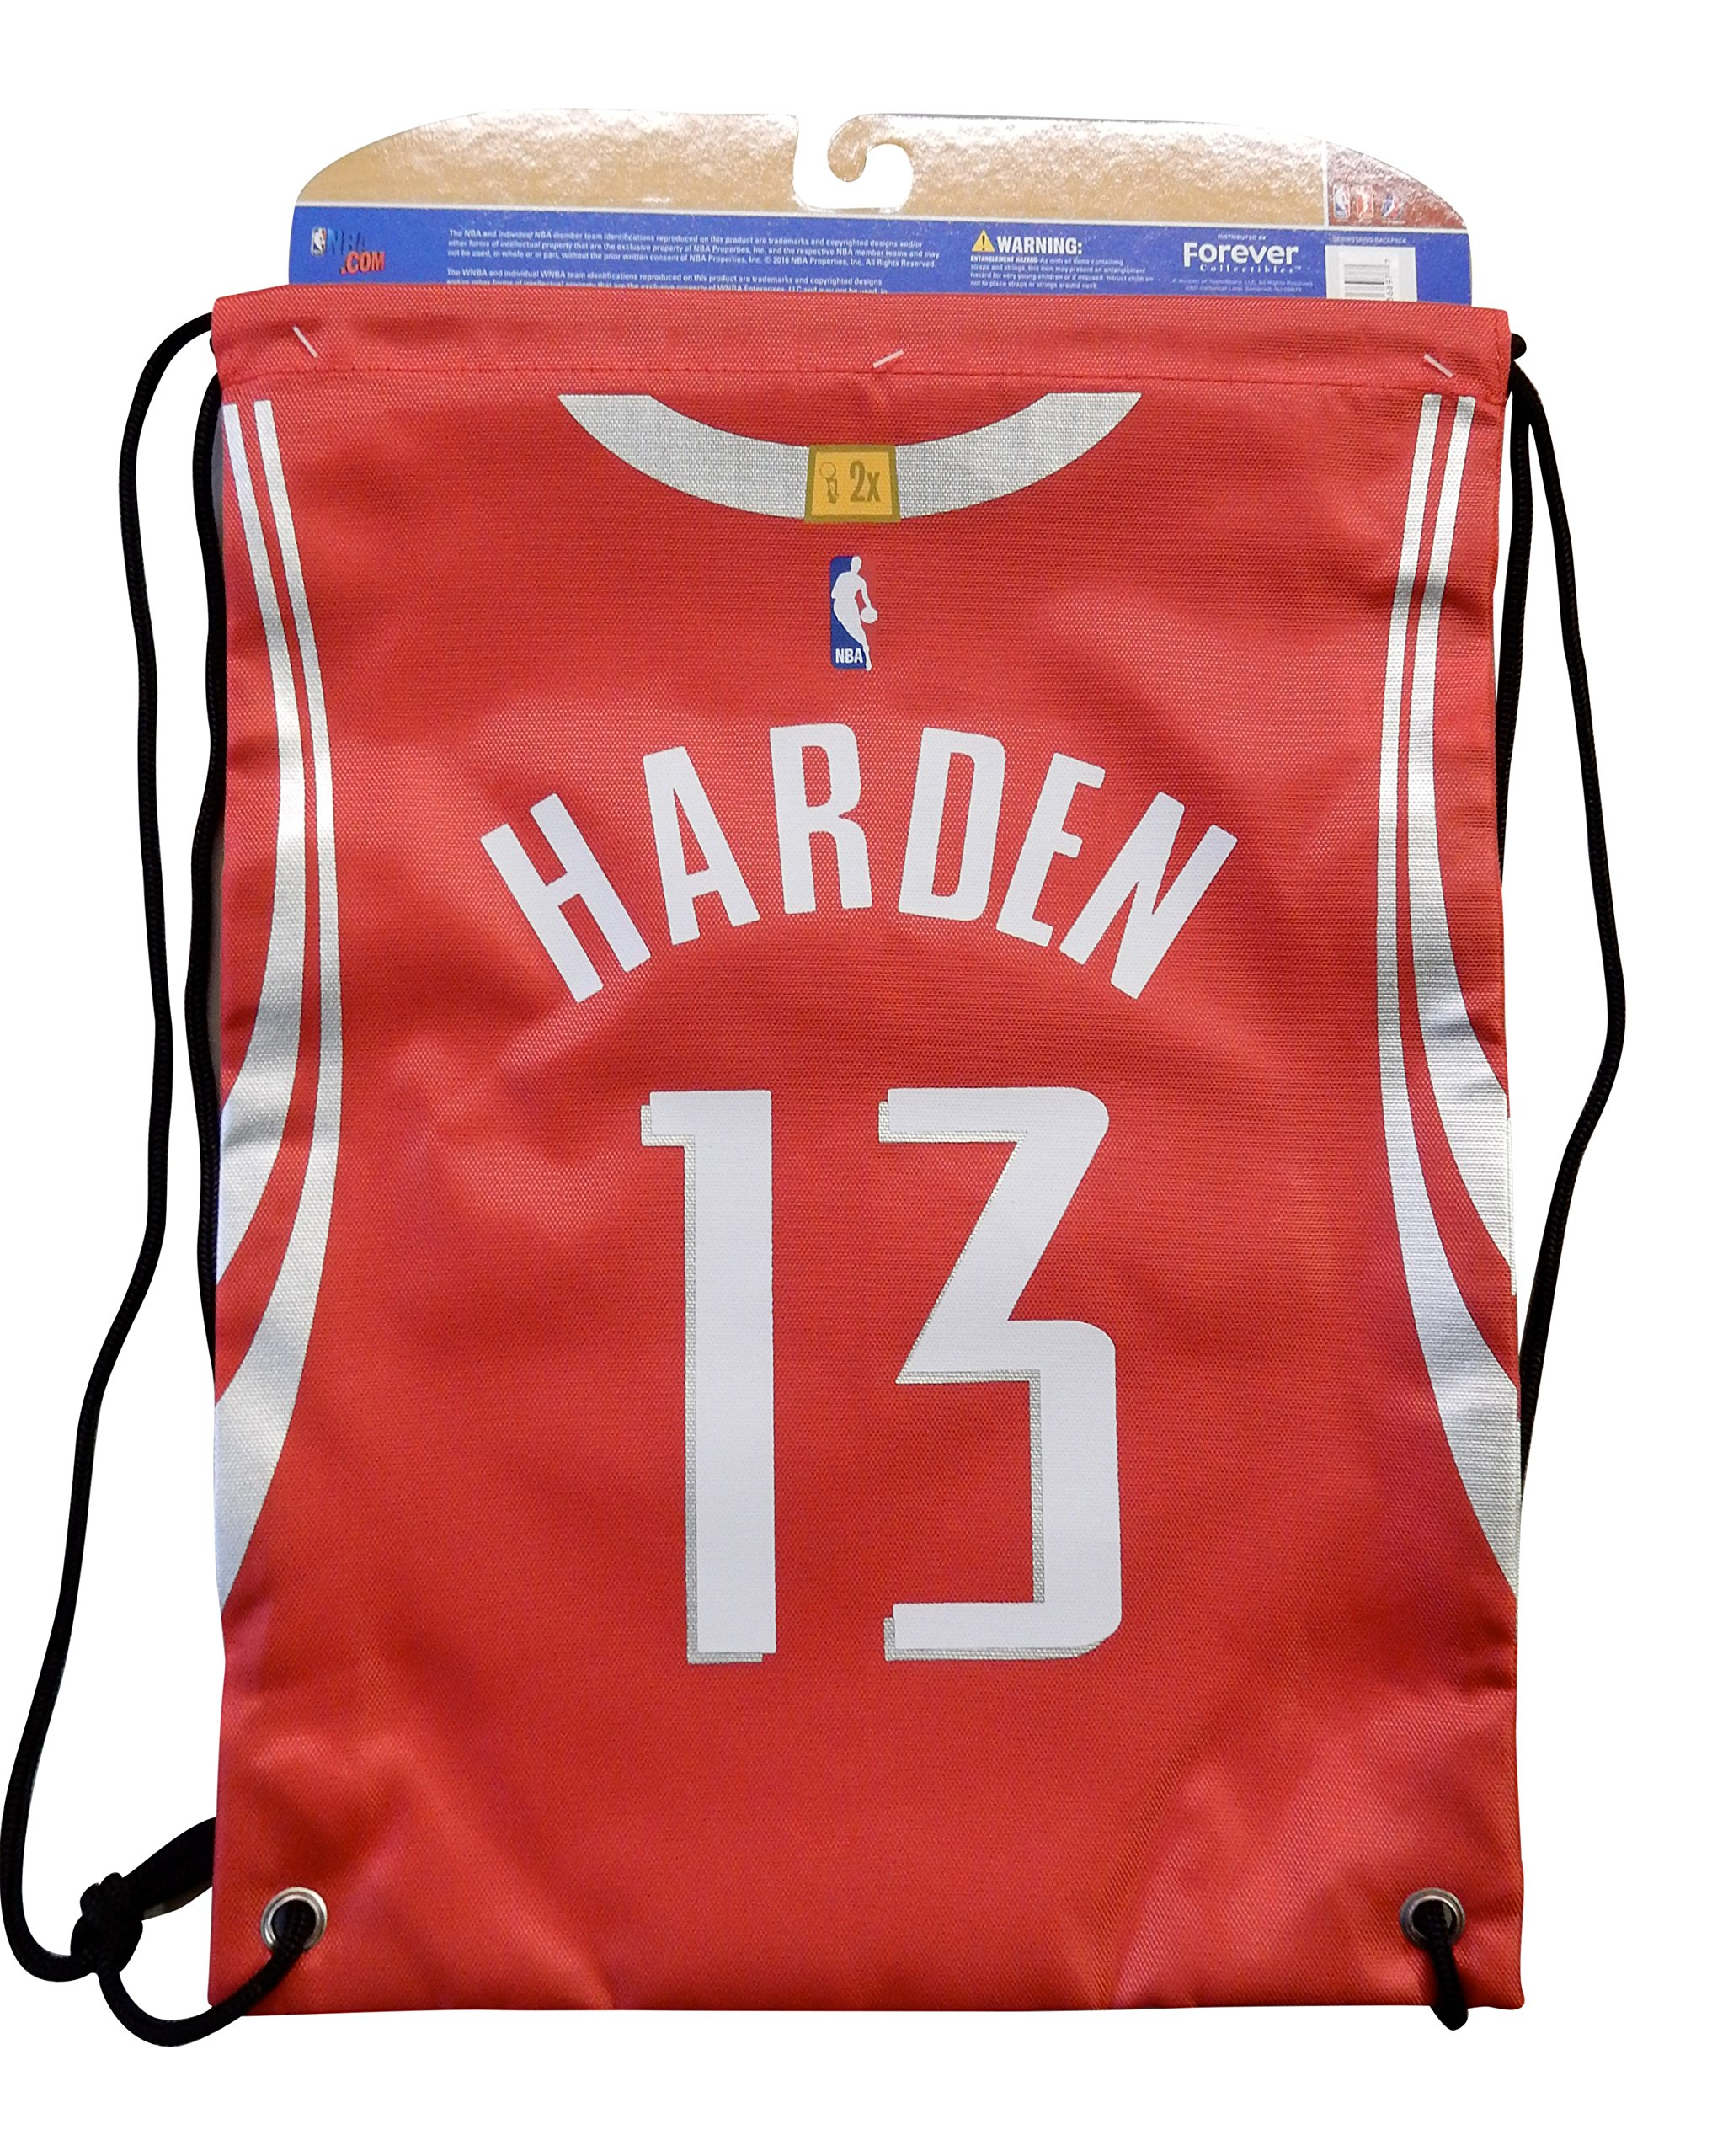 Forever Collectibles Houston Rockets James Harden #13 String Bag Backpack